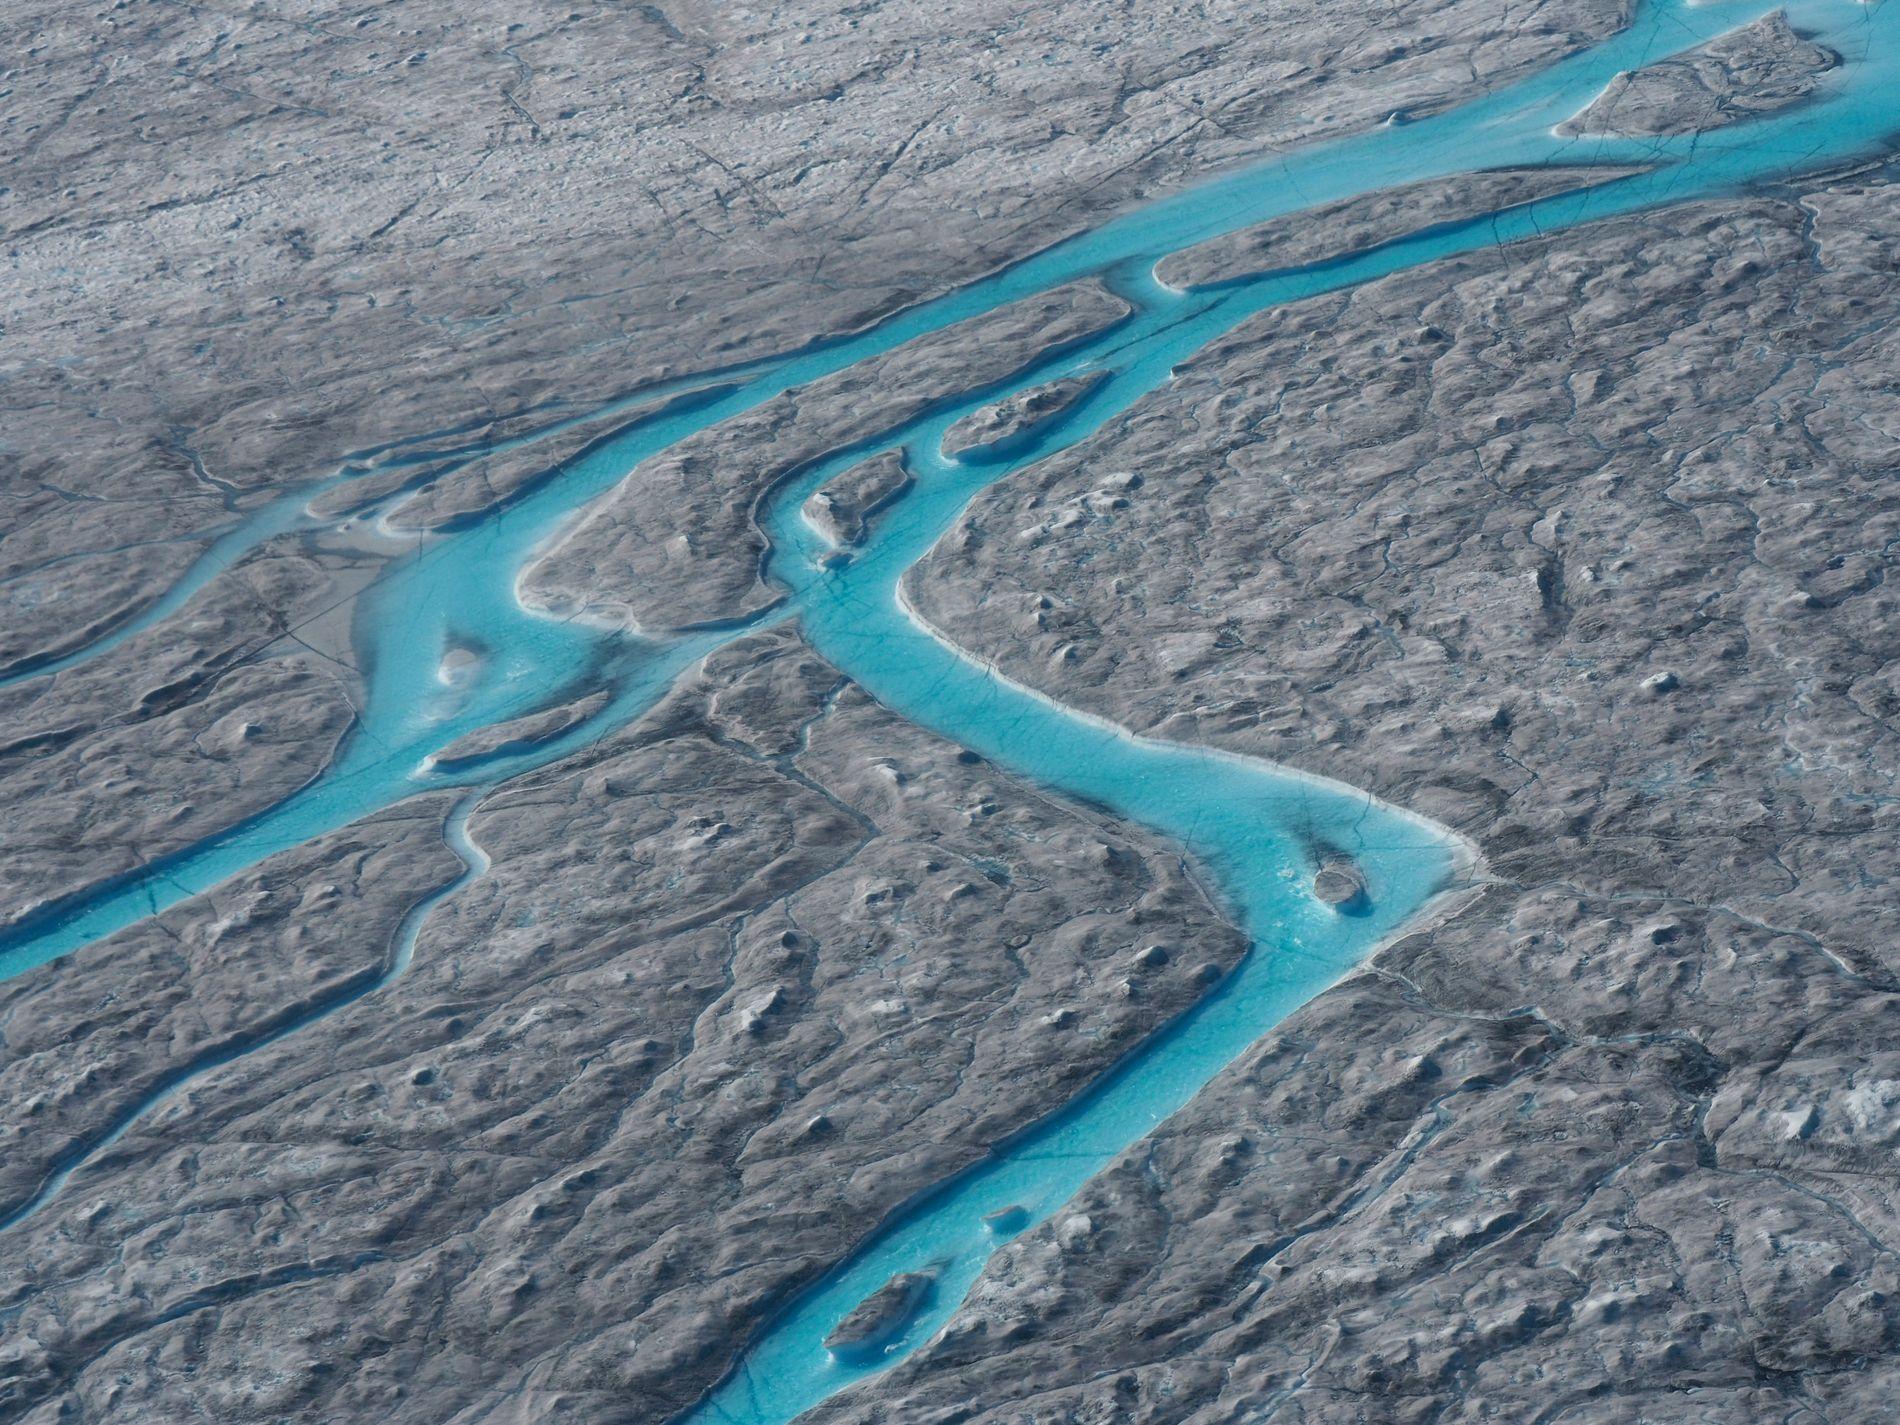 SMELTEVANN: Store elver med smeltevann fotografert vest på Grønland i august. Hetebølgen som først førte til varmerekorder i fem europeiske land, førte blant annet til at over 10 milliarder tonn is smeltet i løpet av én dag, ifølge Danmarks meteorologiske institutt.